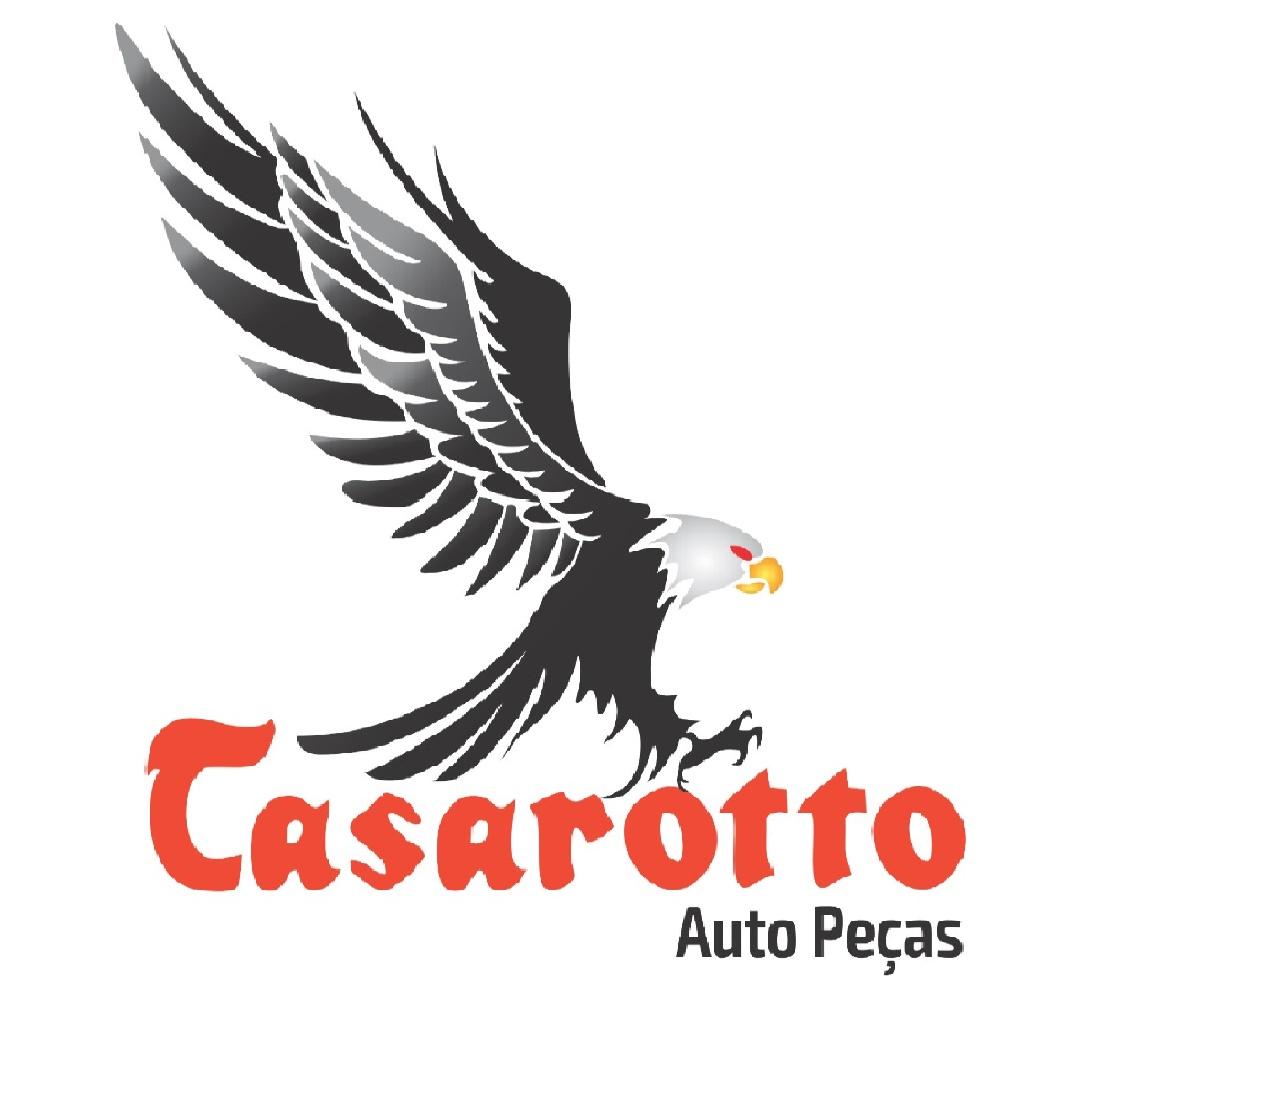 Auto Peças Casarotto